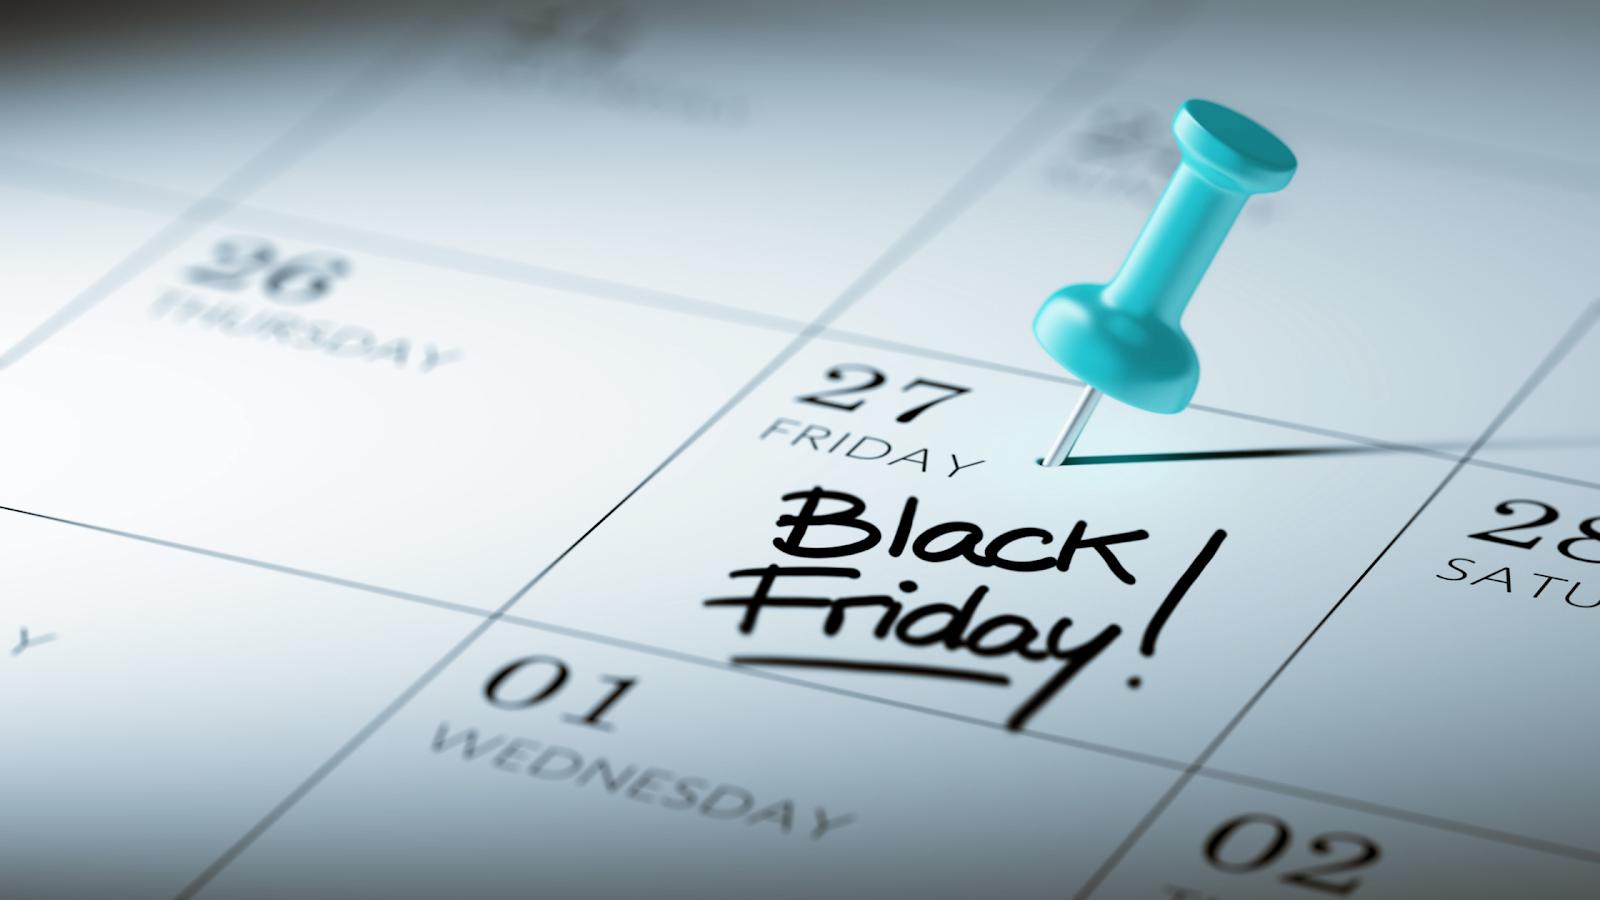 Calendário com um pin azul no dia 27. Dentro do quadrado que envolve a data, lê-se as palavras Black Friday.